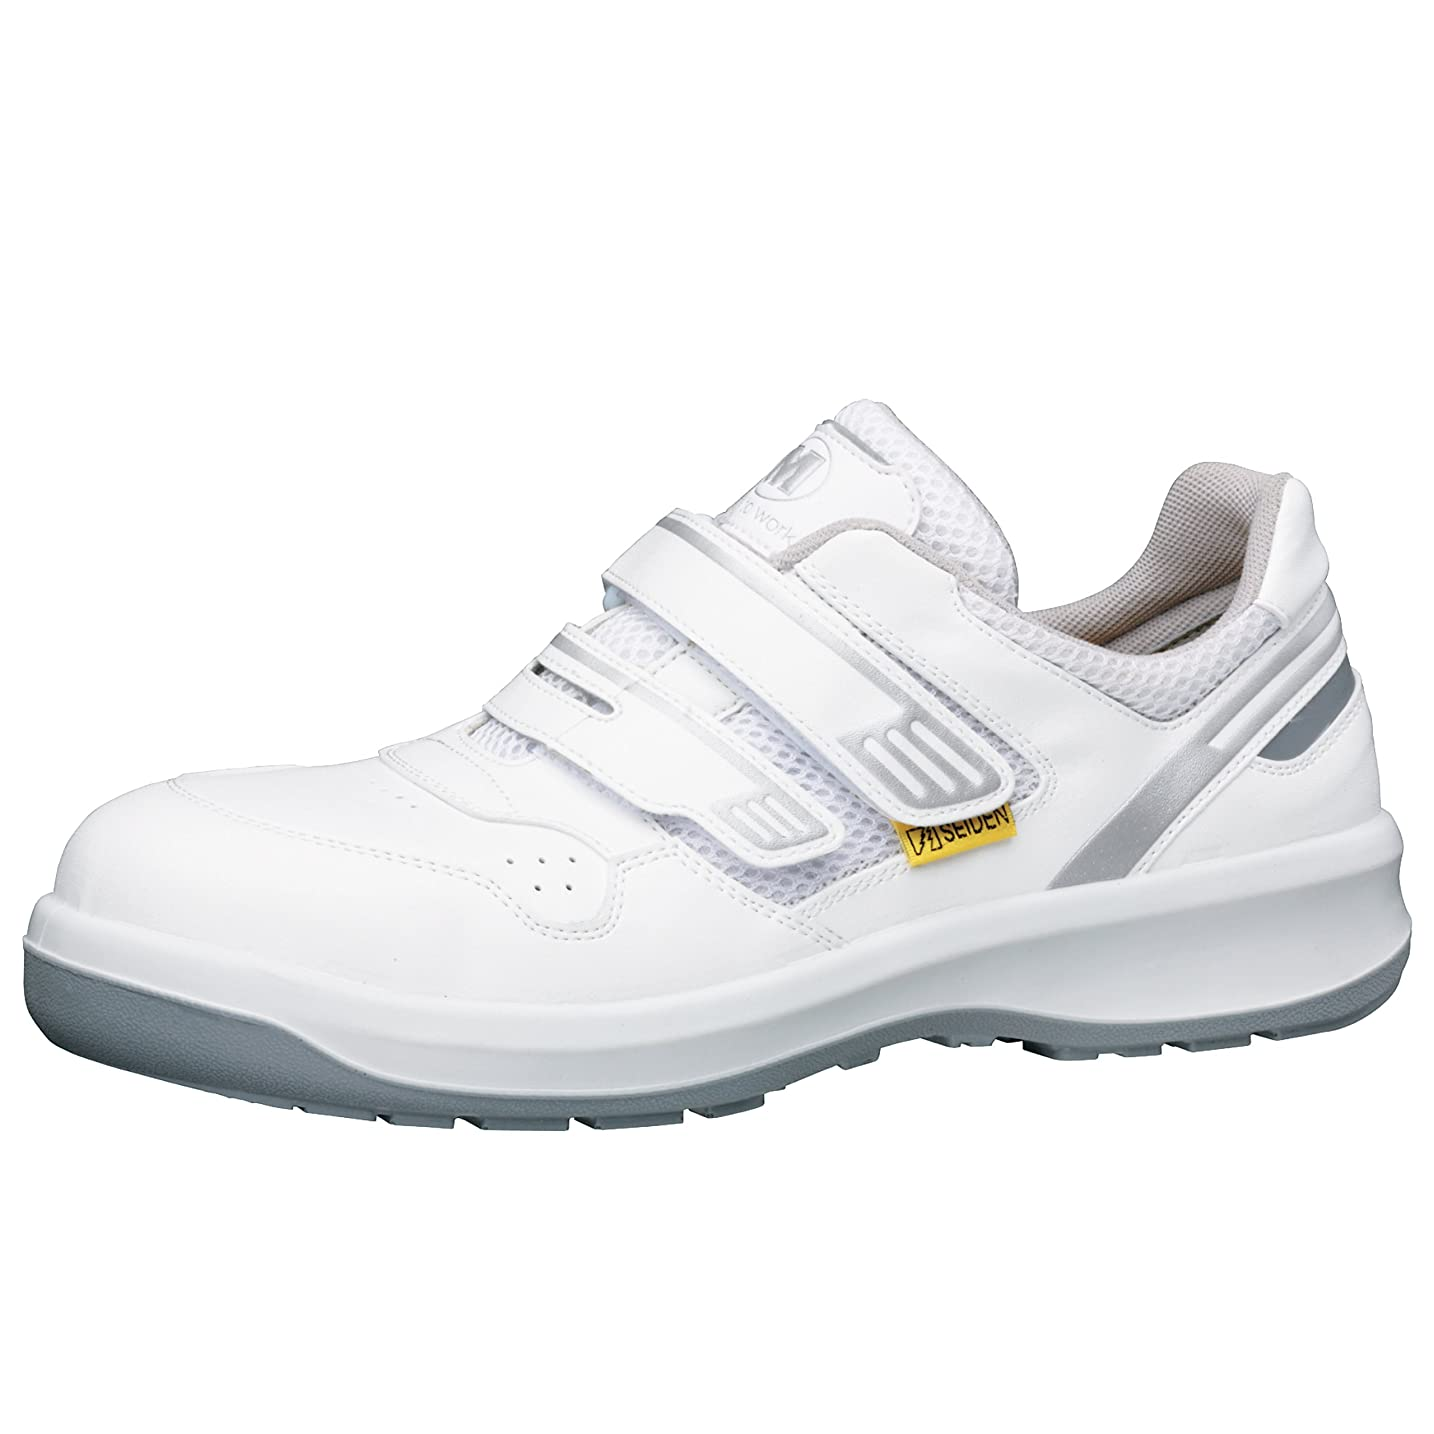 物足りない麦芽機関車静電安全靴 グリーン購入法適合 マジックタイプ スニーカー G3695 静電 メンズ